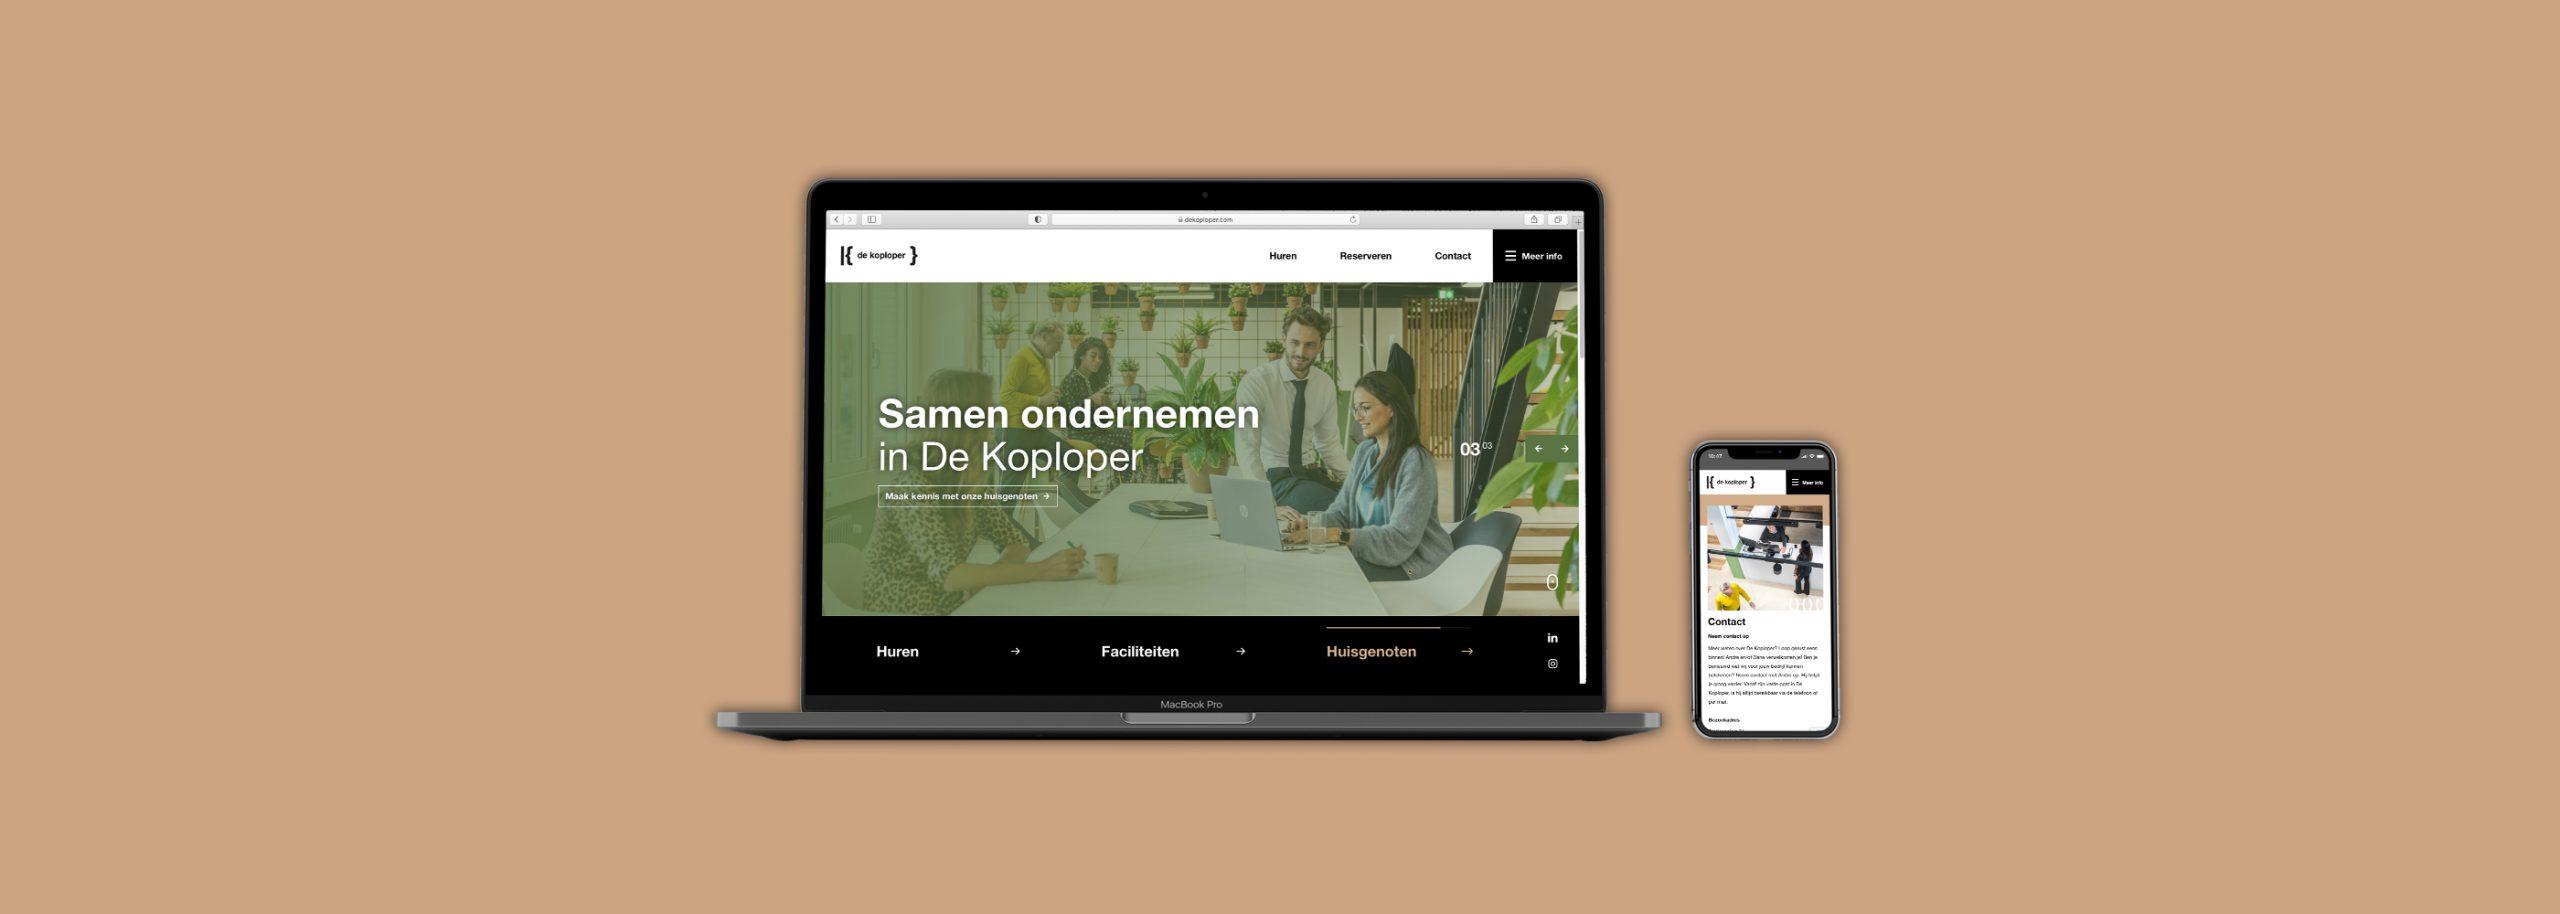 De Koploper Goes - Responsive website mobiel vriendelijk - BlackDesk